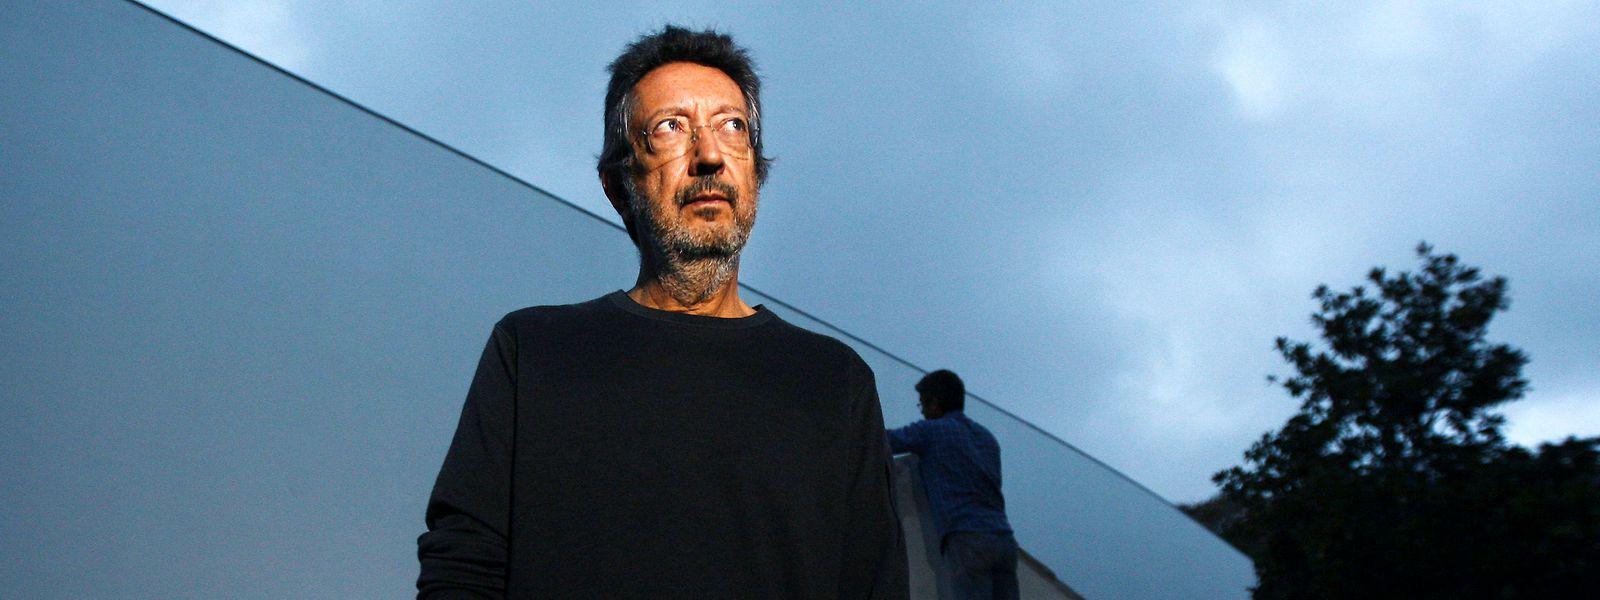 Fotografia de arquivo datada de 22 de novembro de 2012, do artista plástico Julião Sarmento.